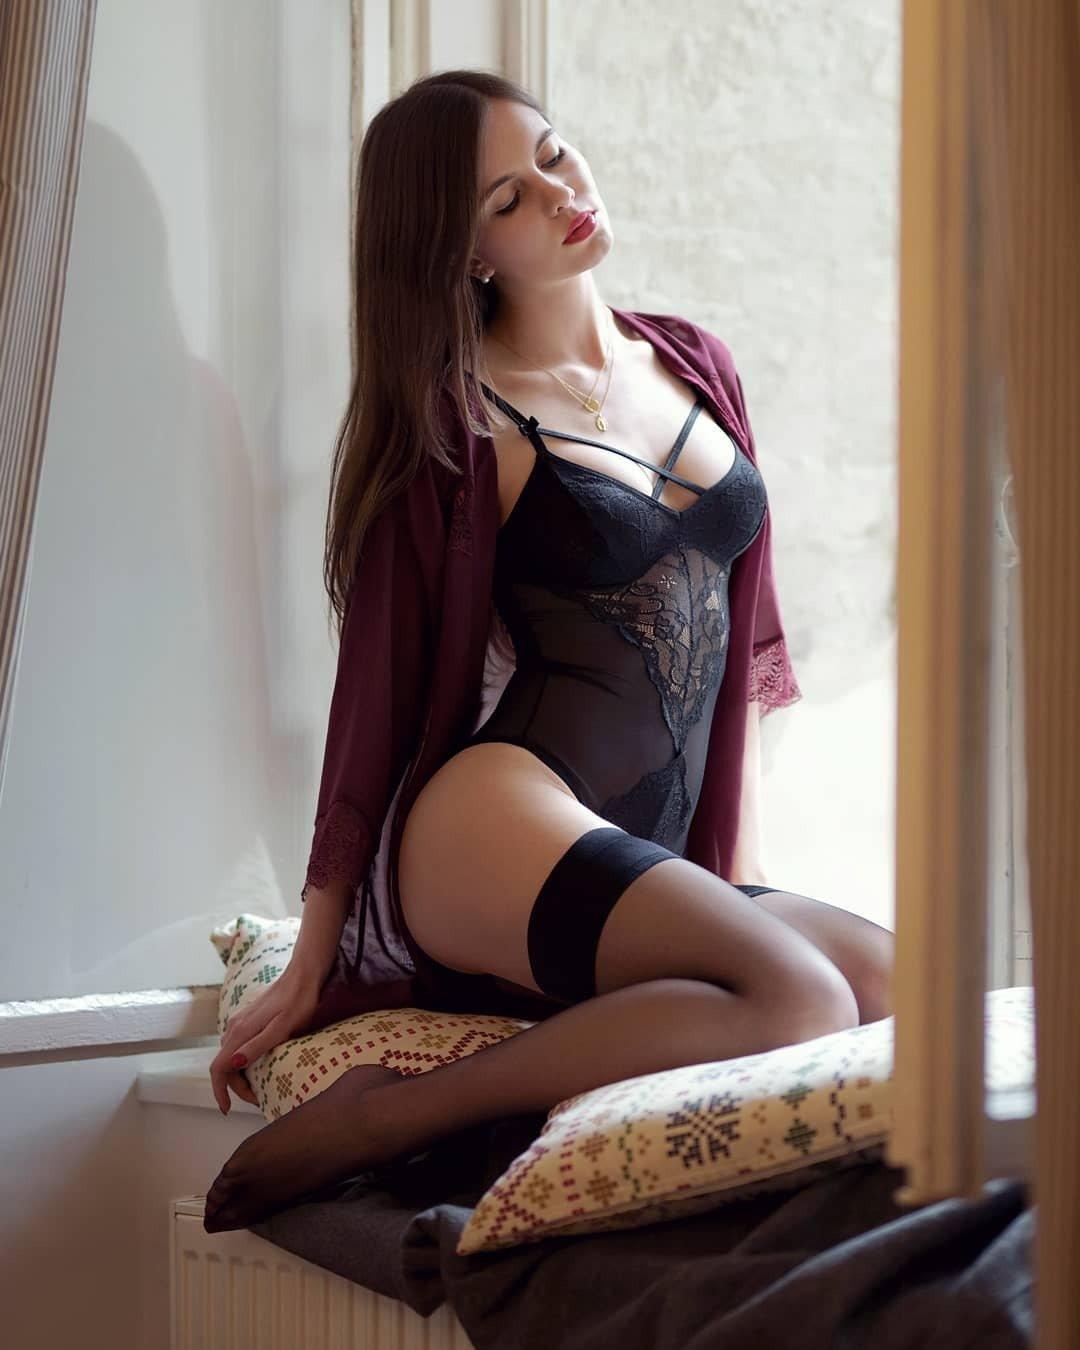 Красивые девушки показали ножки в чулочках (40 фото) 24